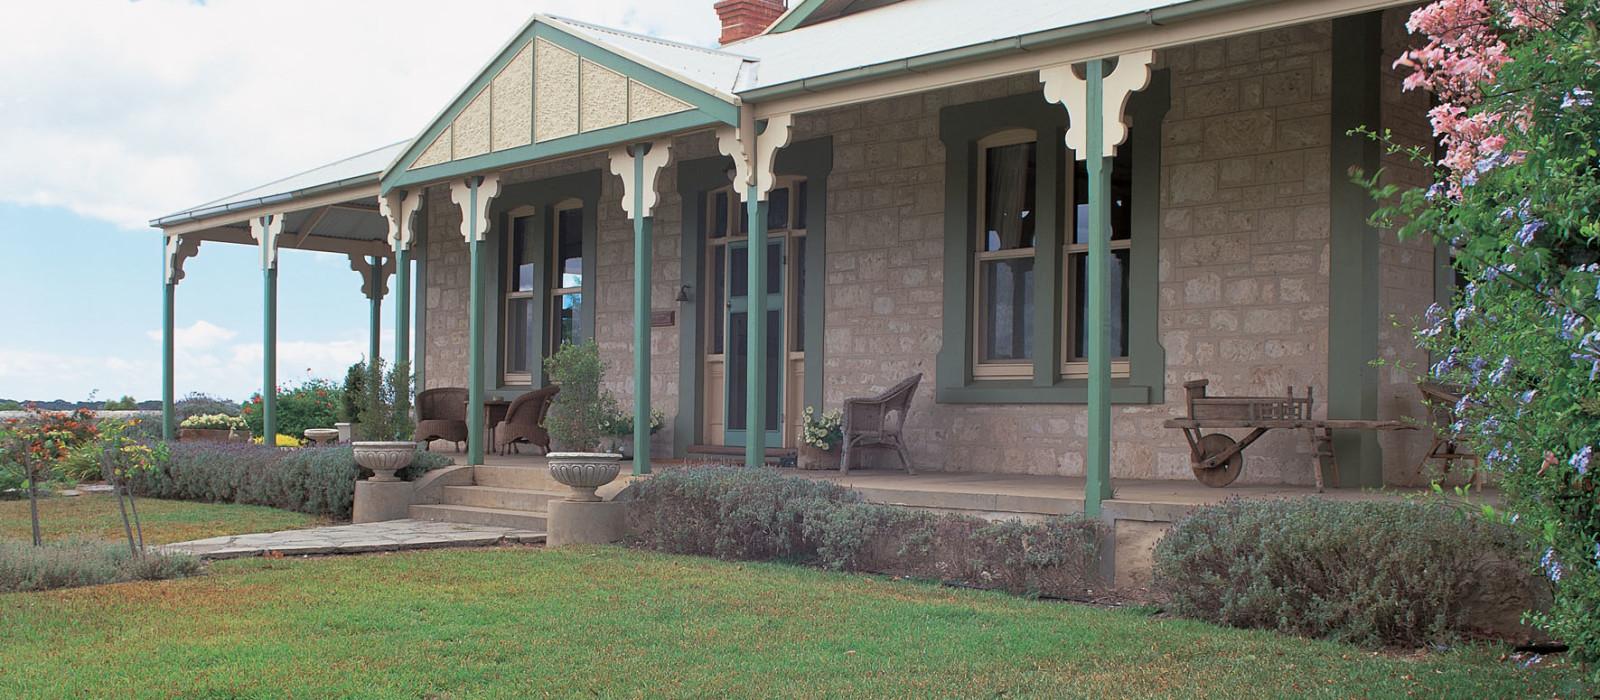 Hotel Stranraer Homestead Traditional B & B Australia